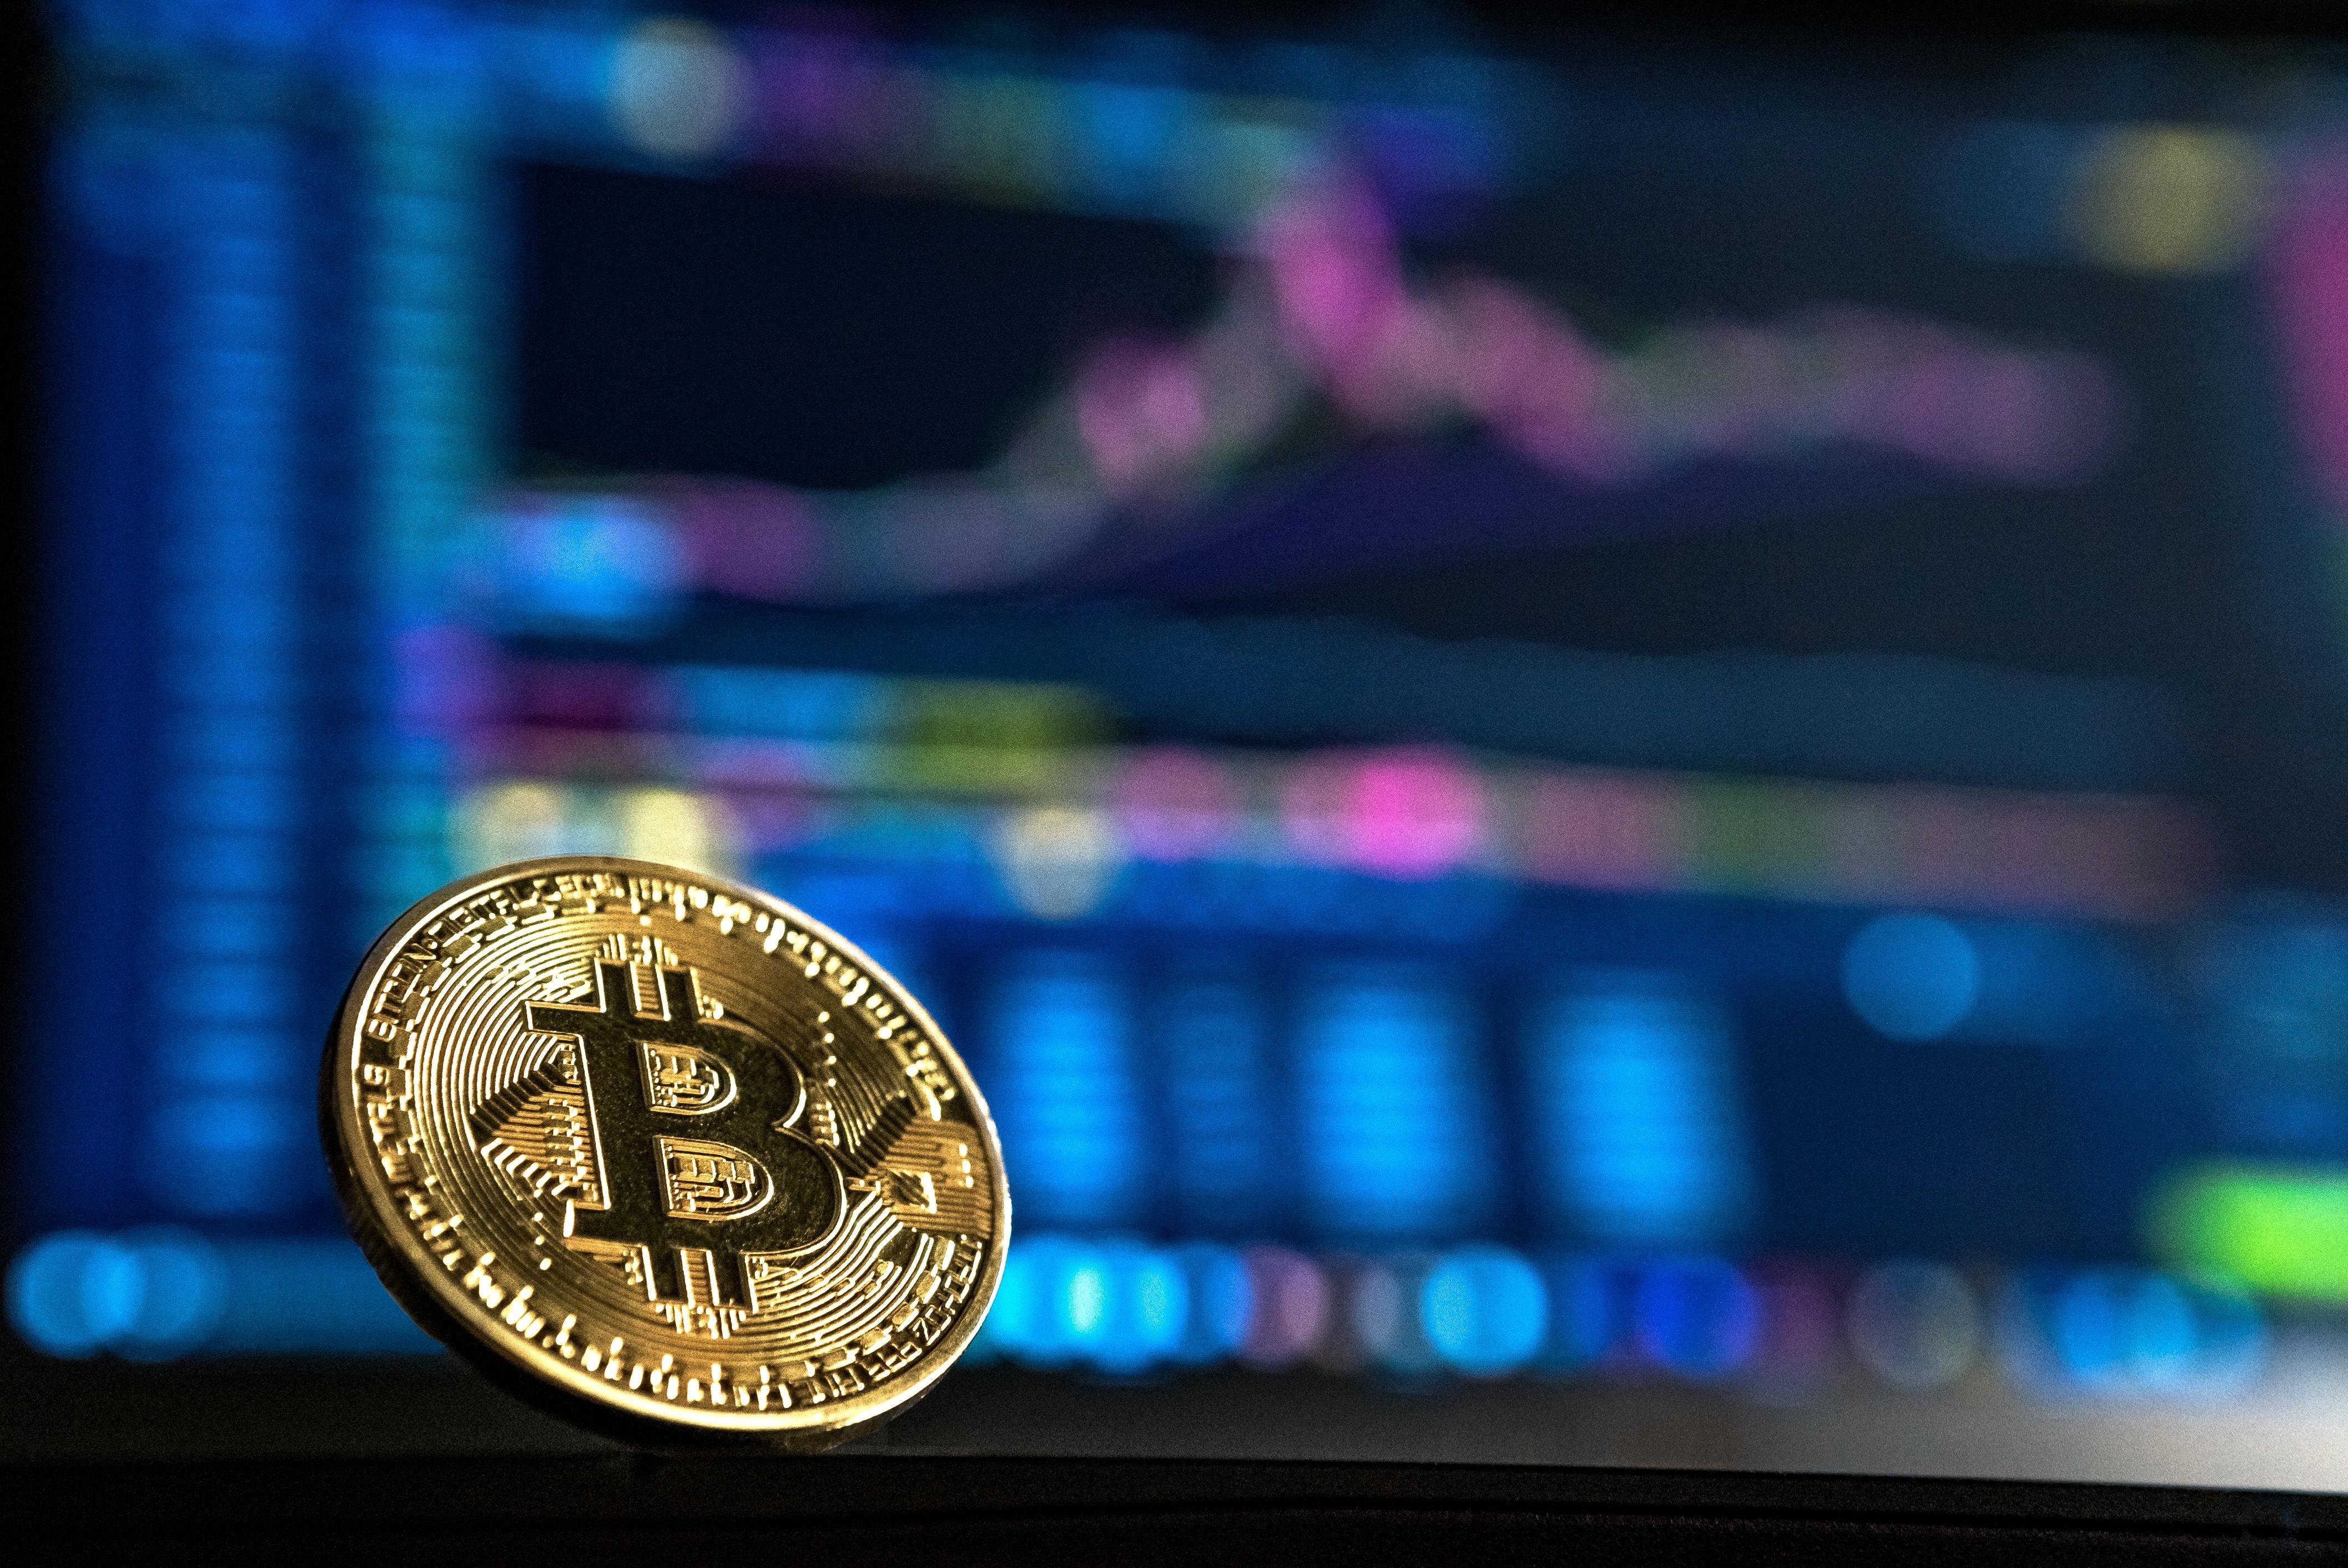 bitcoin interac e trasferimento nyheter bitcoin